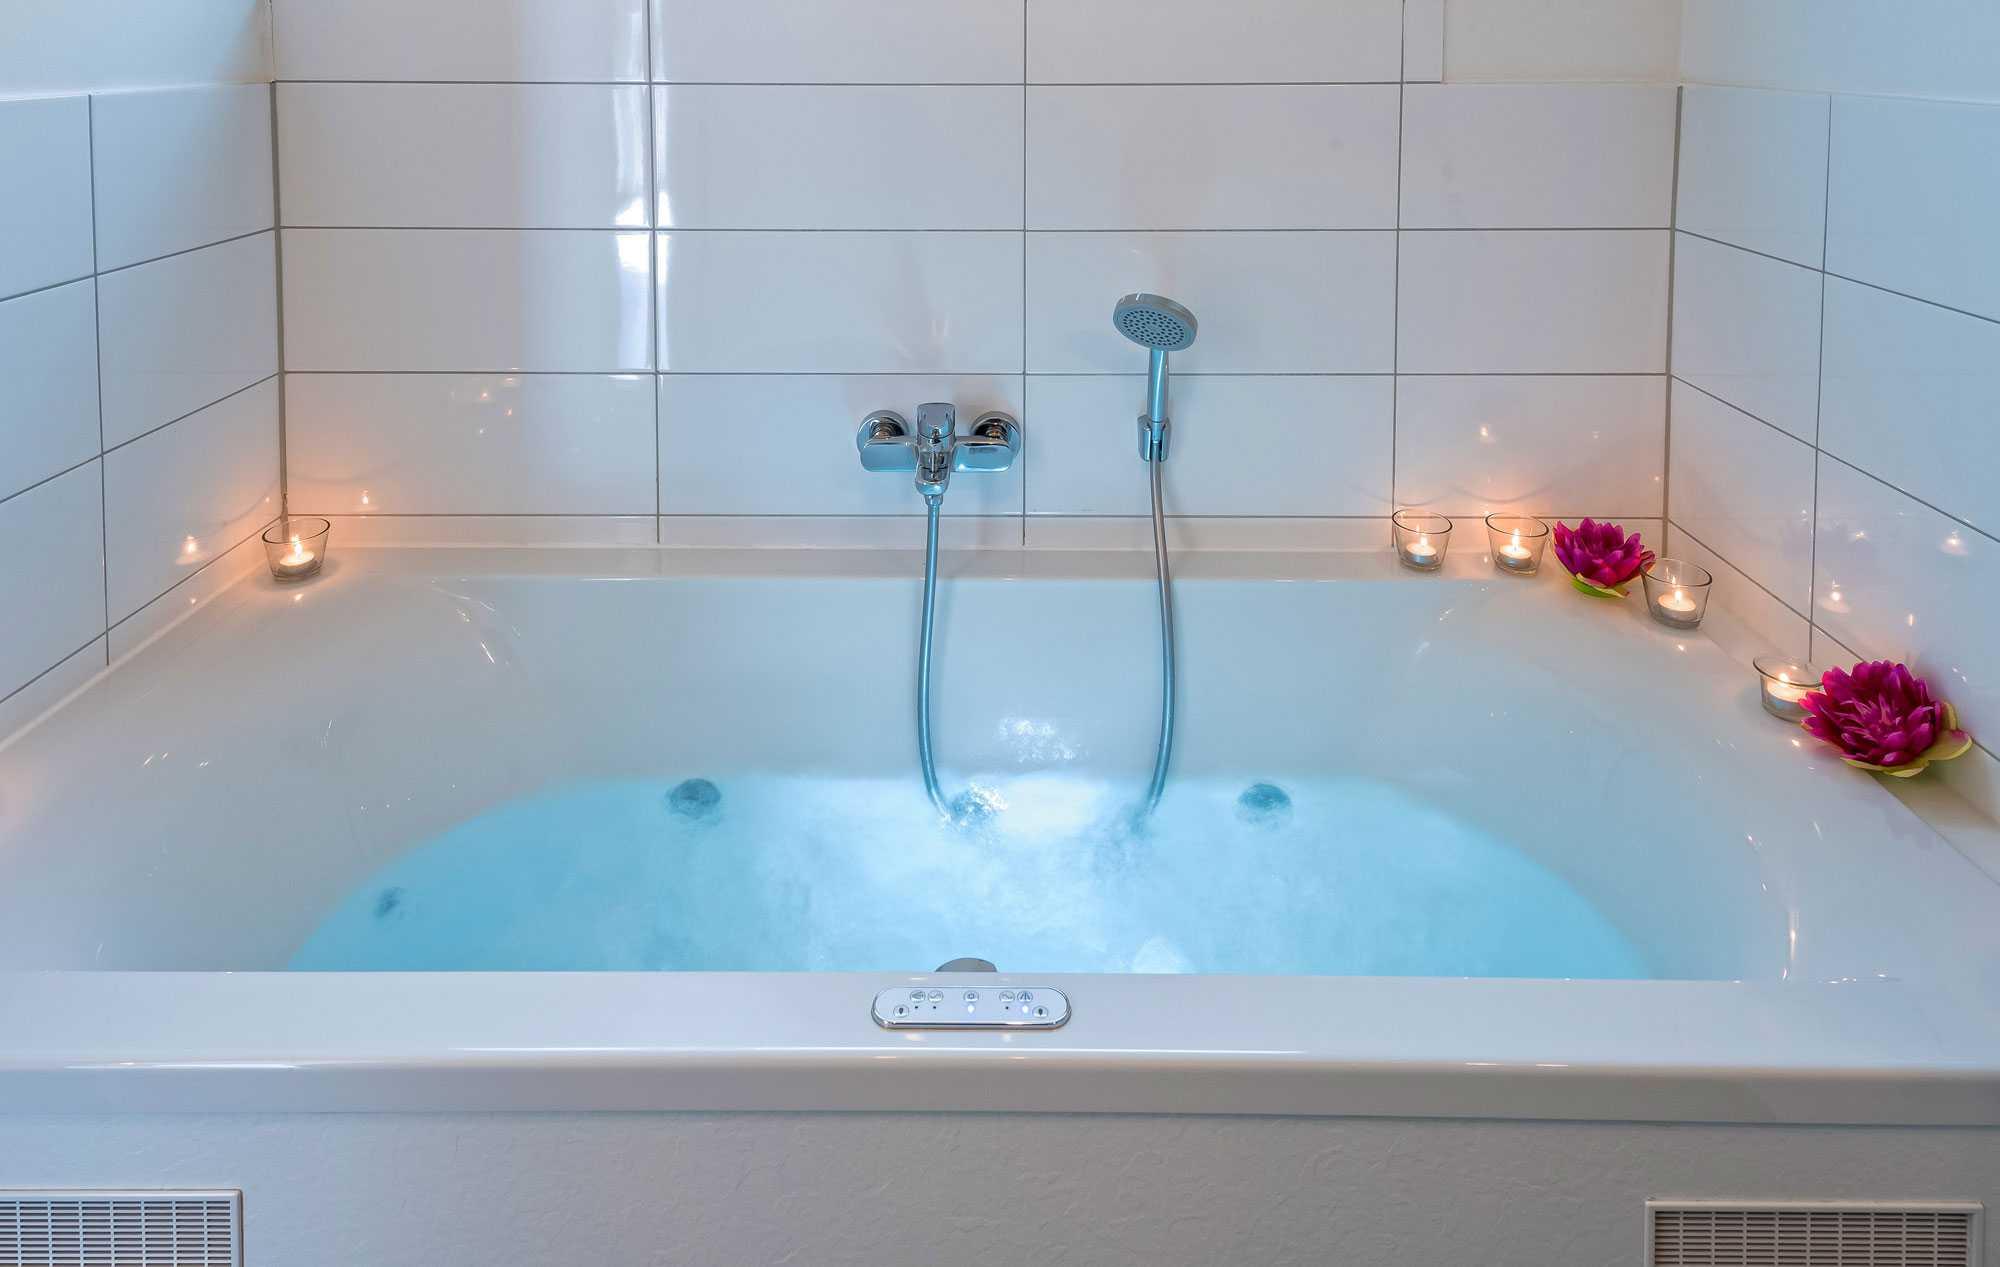 Badezimmer Whirlpool Nett : Luxus ferienhaus schwarzwald ferienwohnung mit kamin & sauna